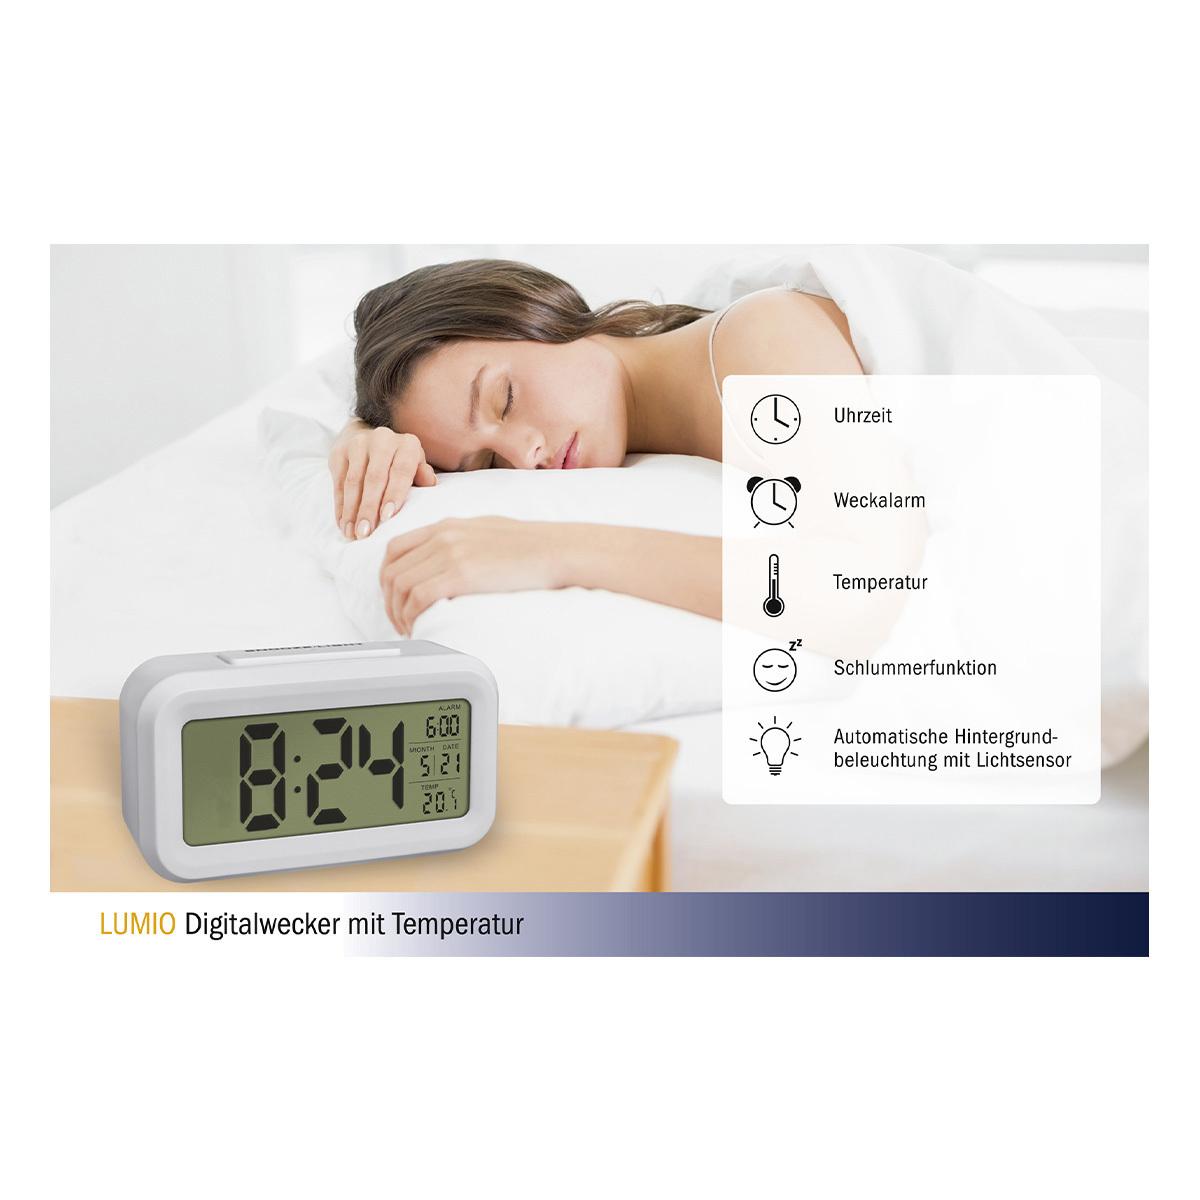 60-2018-02-digitaler-wecker-mit-temperatur-lumio-icons-1200x1200px.jpg